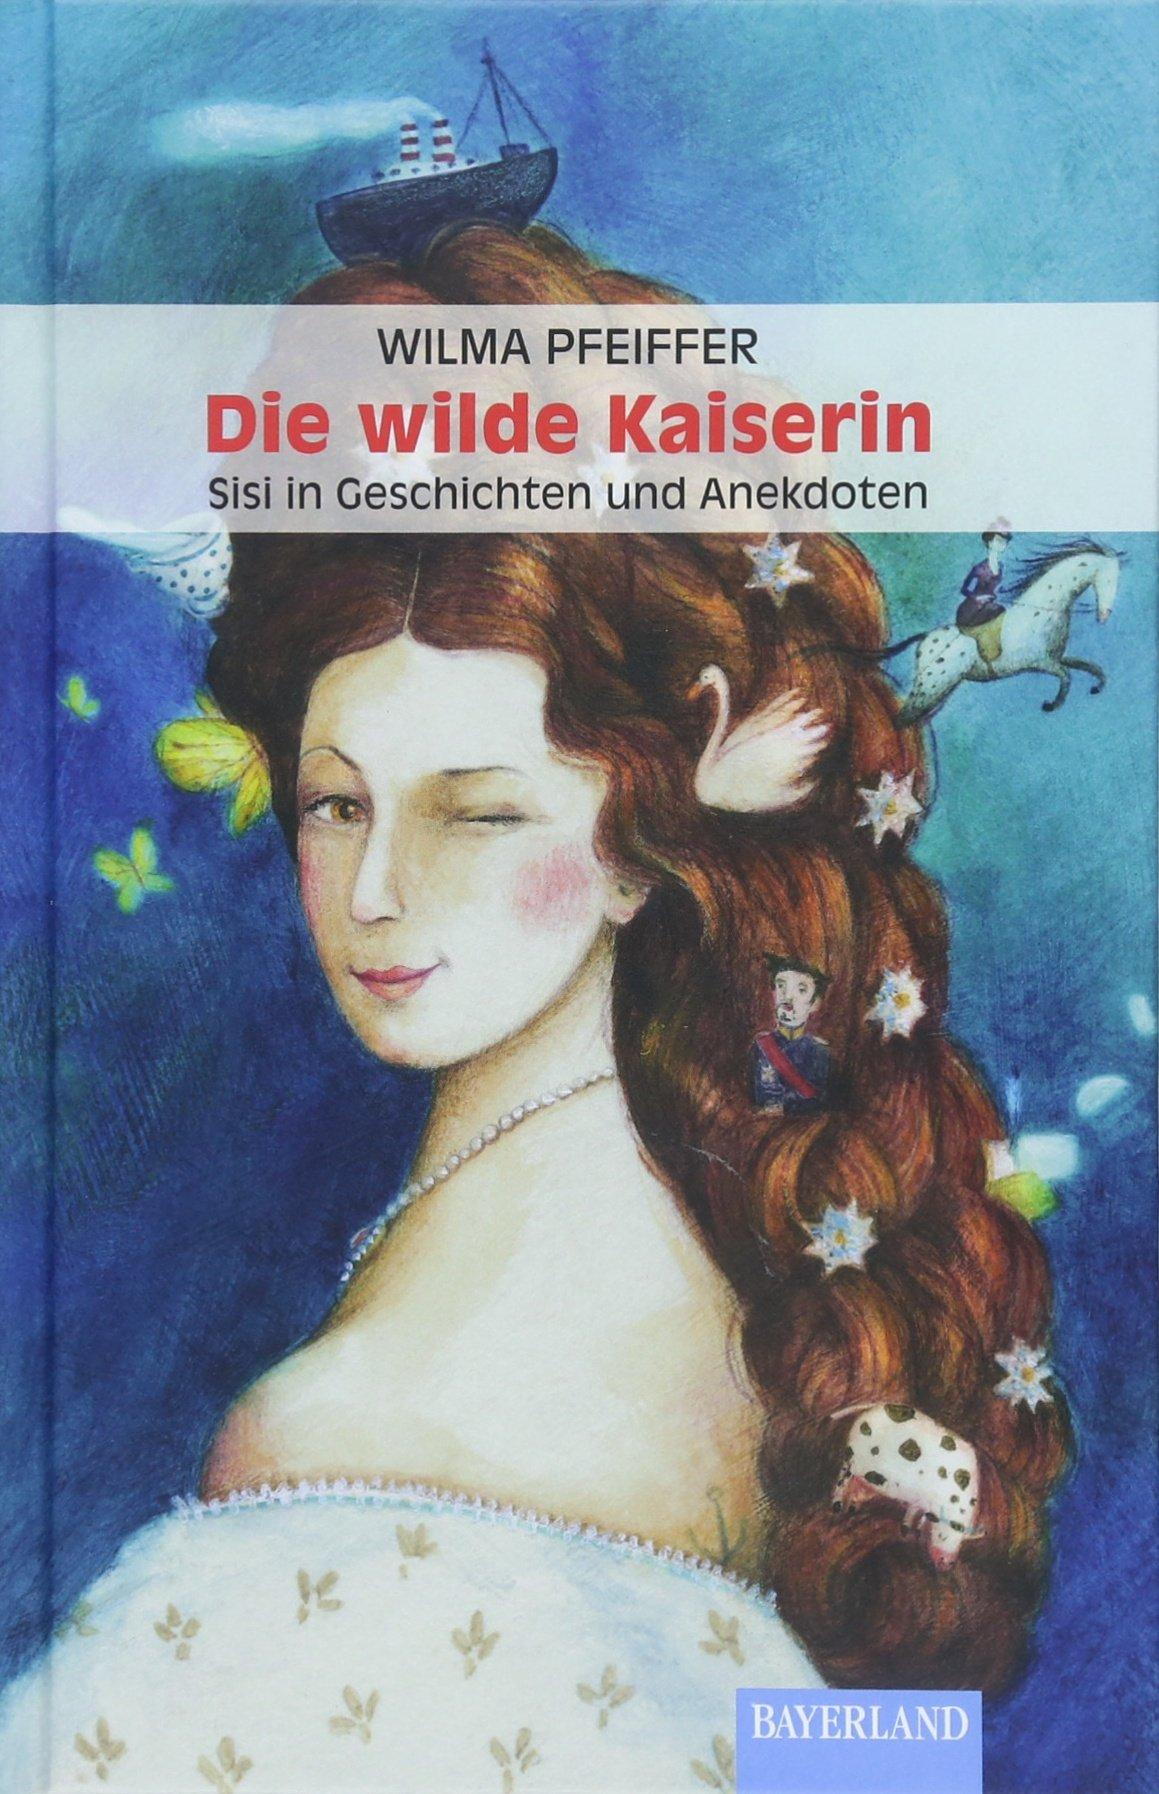 Die wilde Kaiserin: Sisi in Geschichten und Anekdoten Gebundenes Buch – 19. März 2018 Wilma Pfeiffer Bayerland 3892515034 Belletristik / Biographien